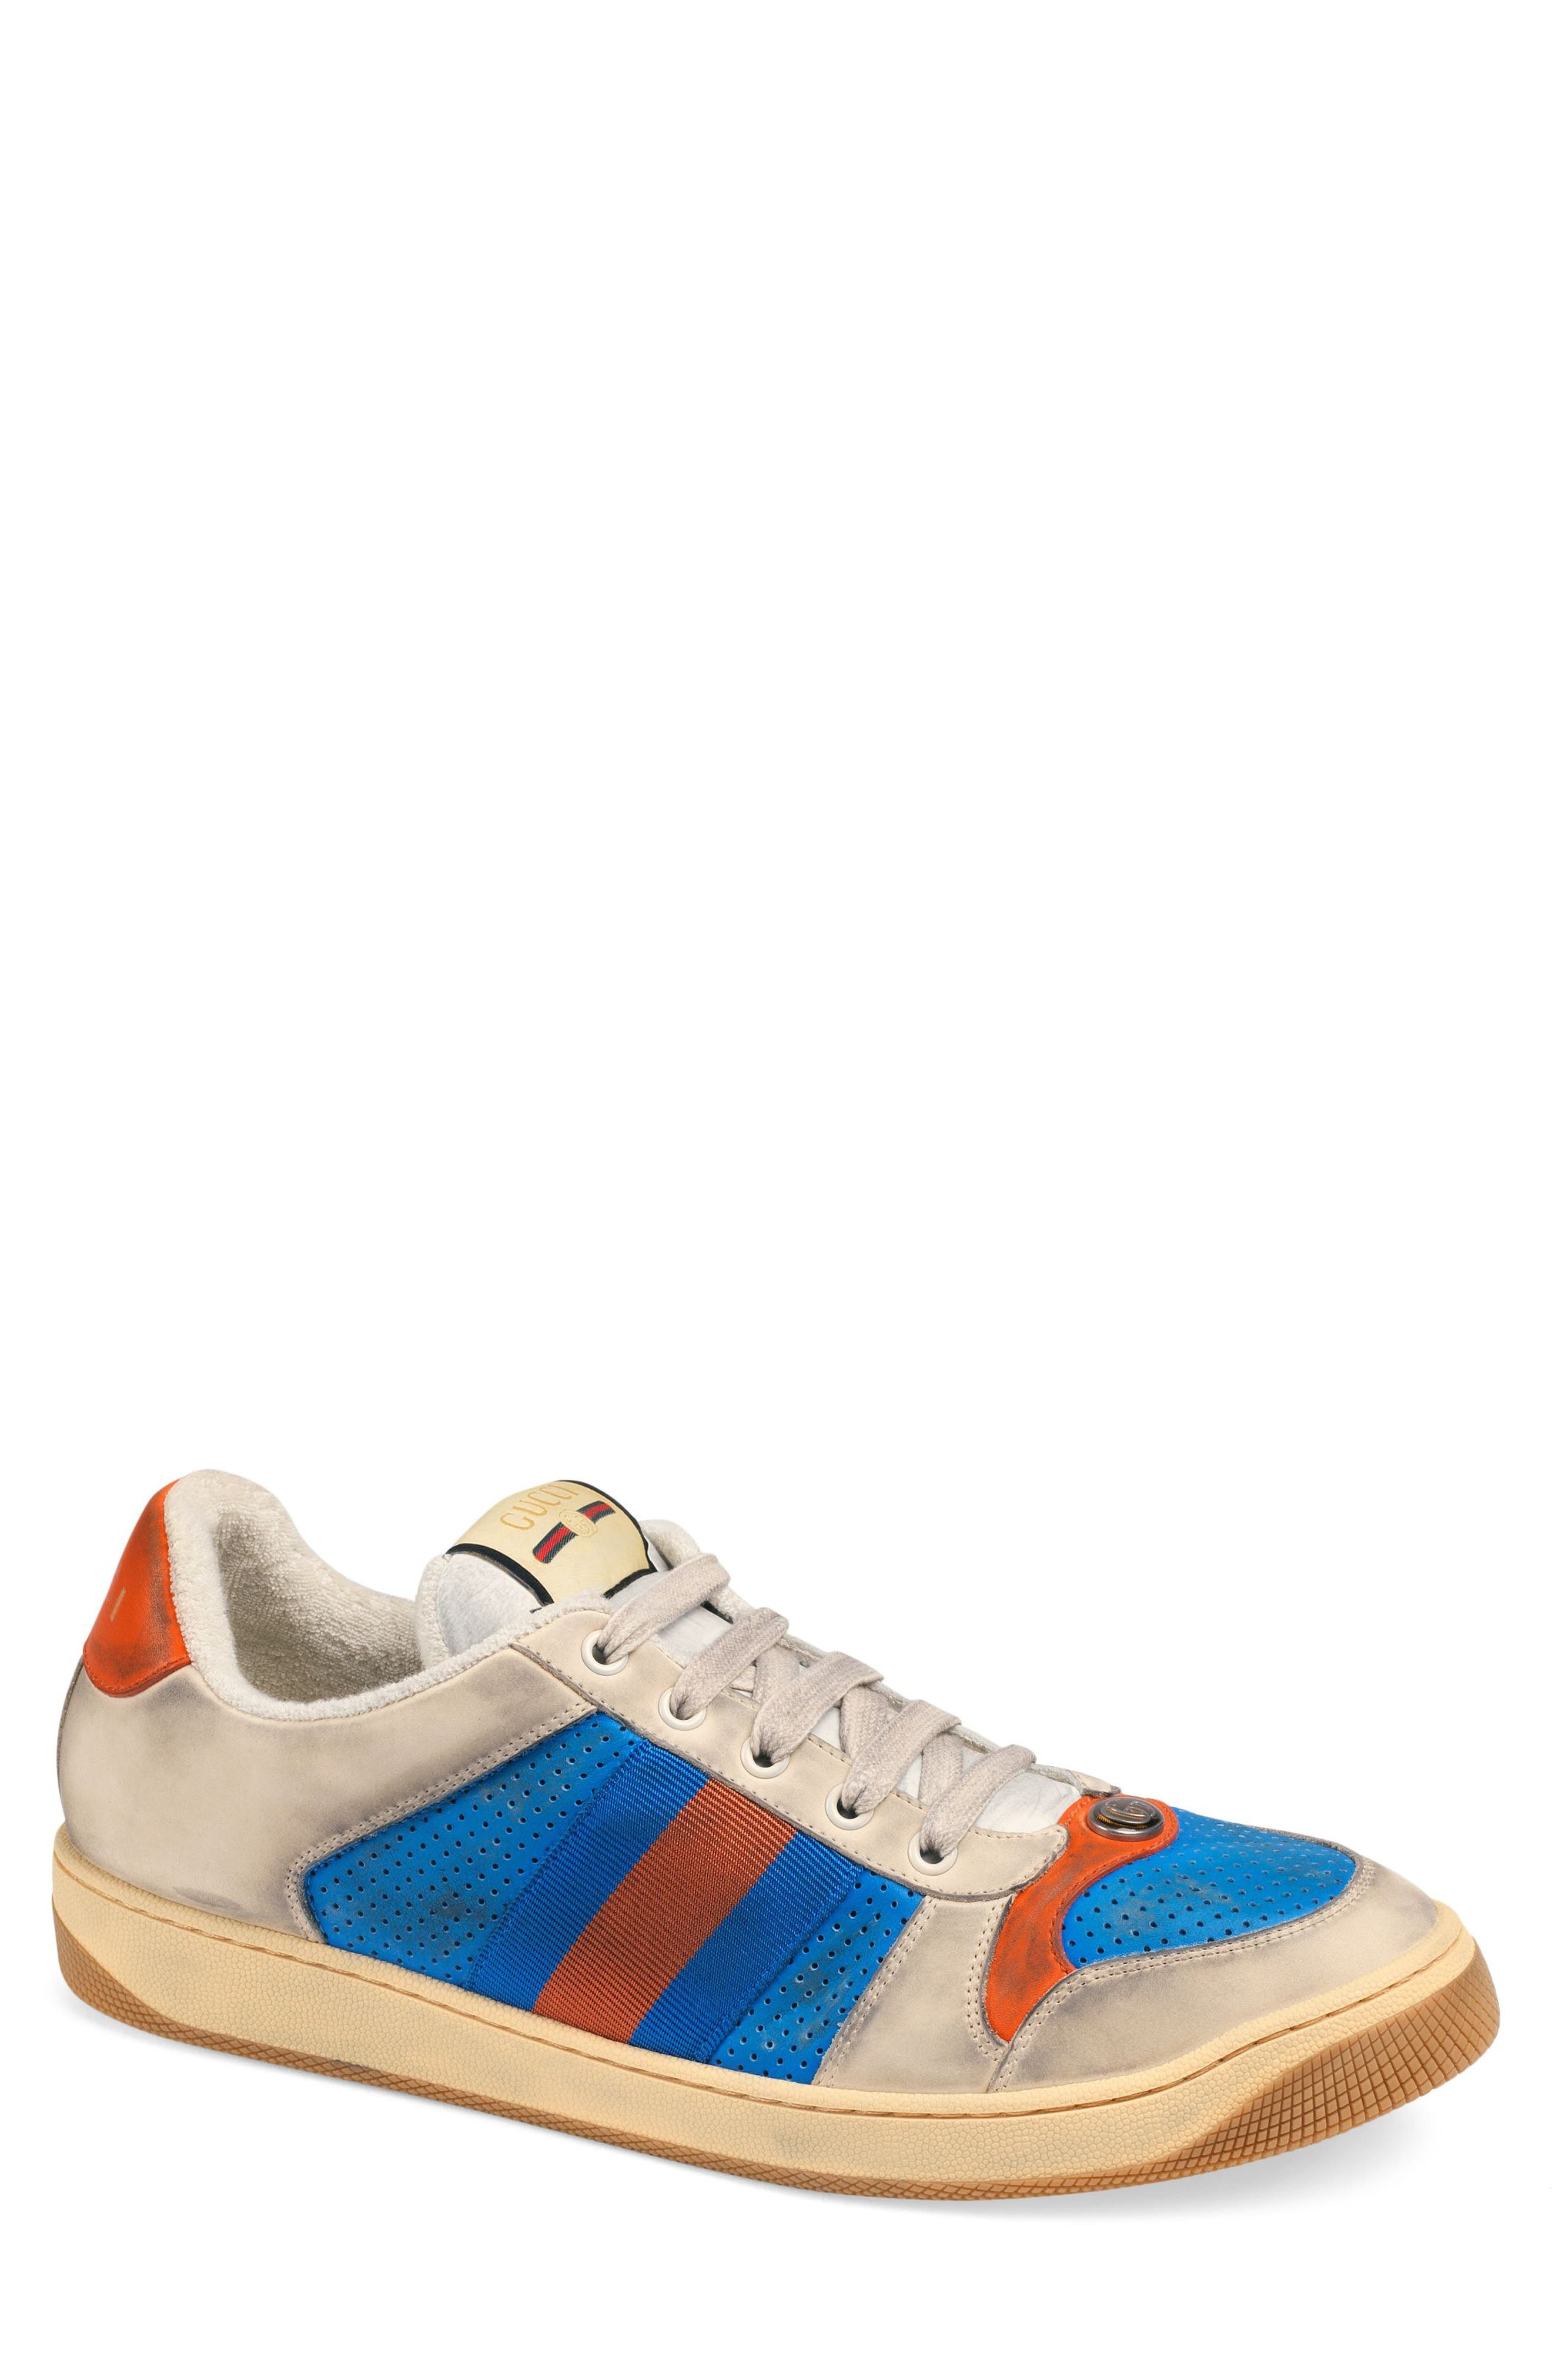 GUCCI, Screener Low Top Sneaker, Main thumbnail 1, color, BLUE/ CAMEL